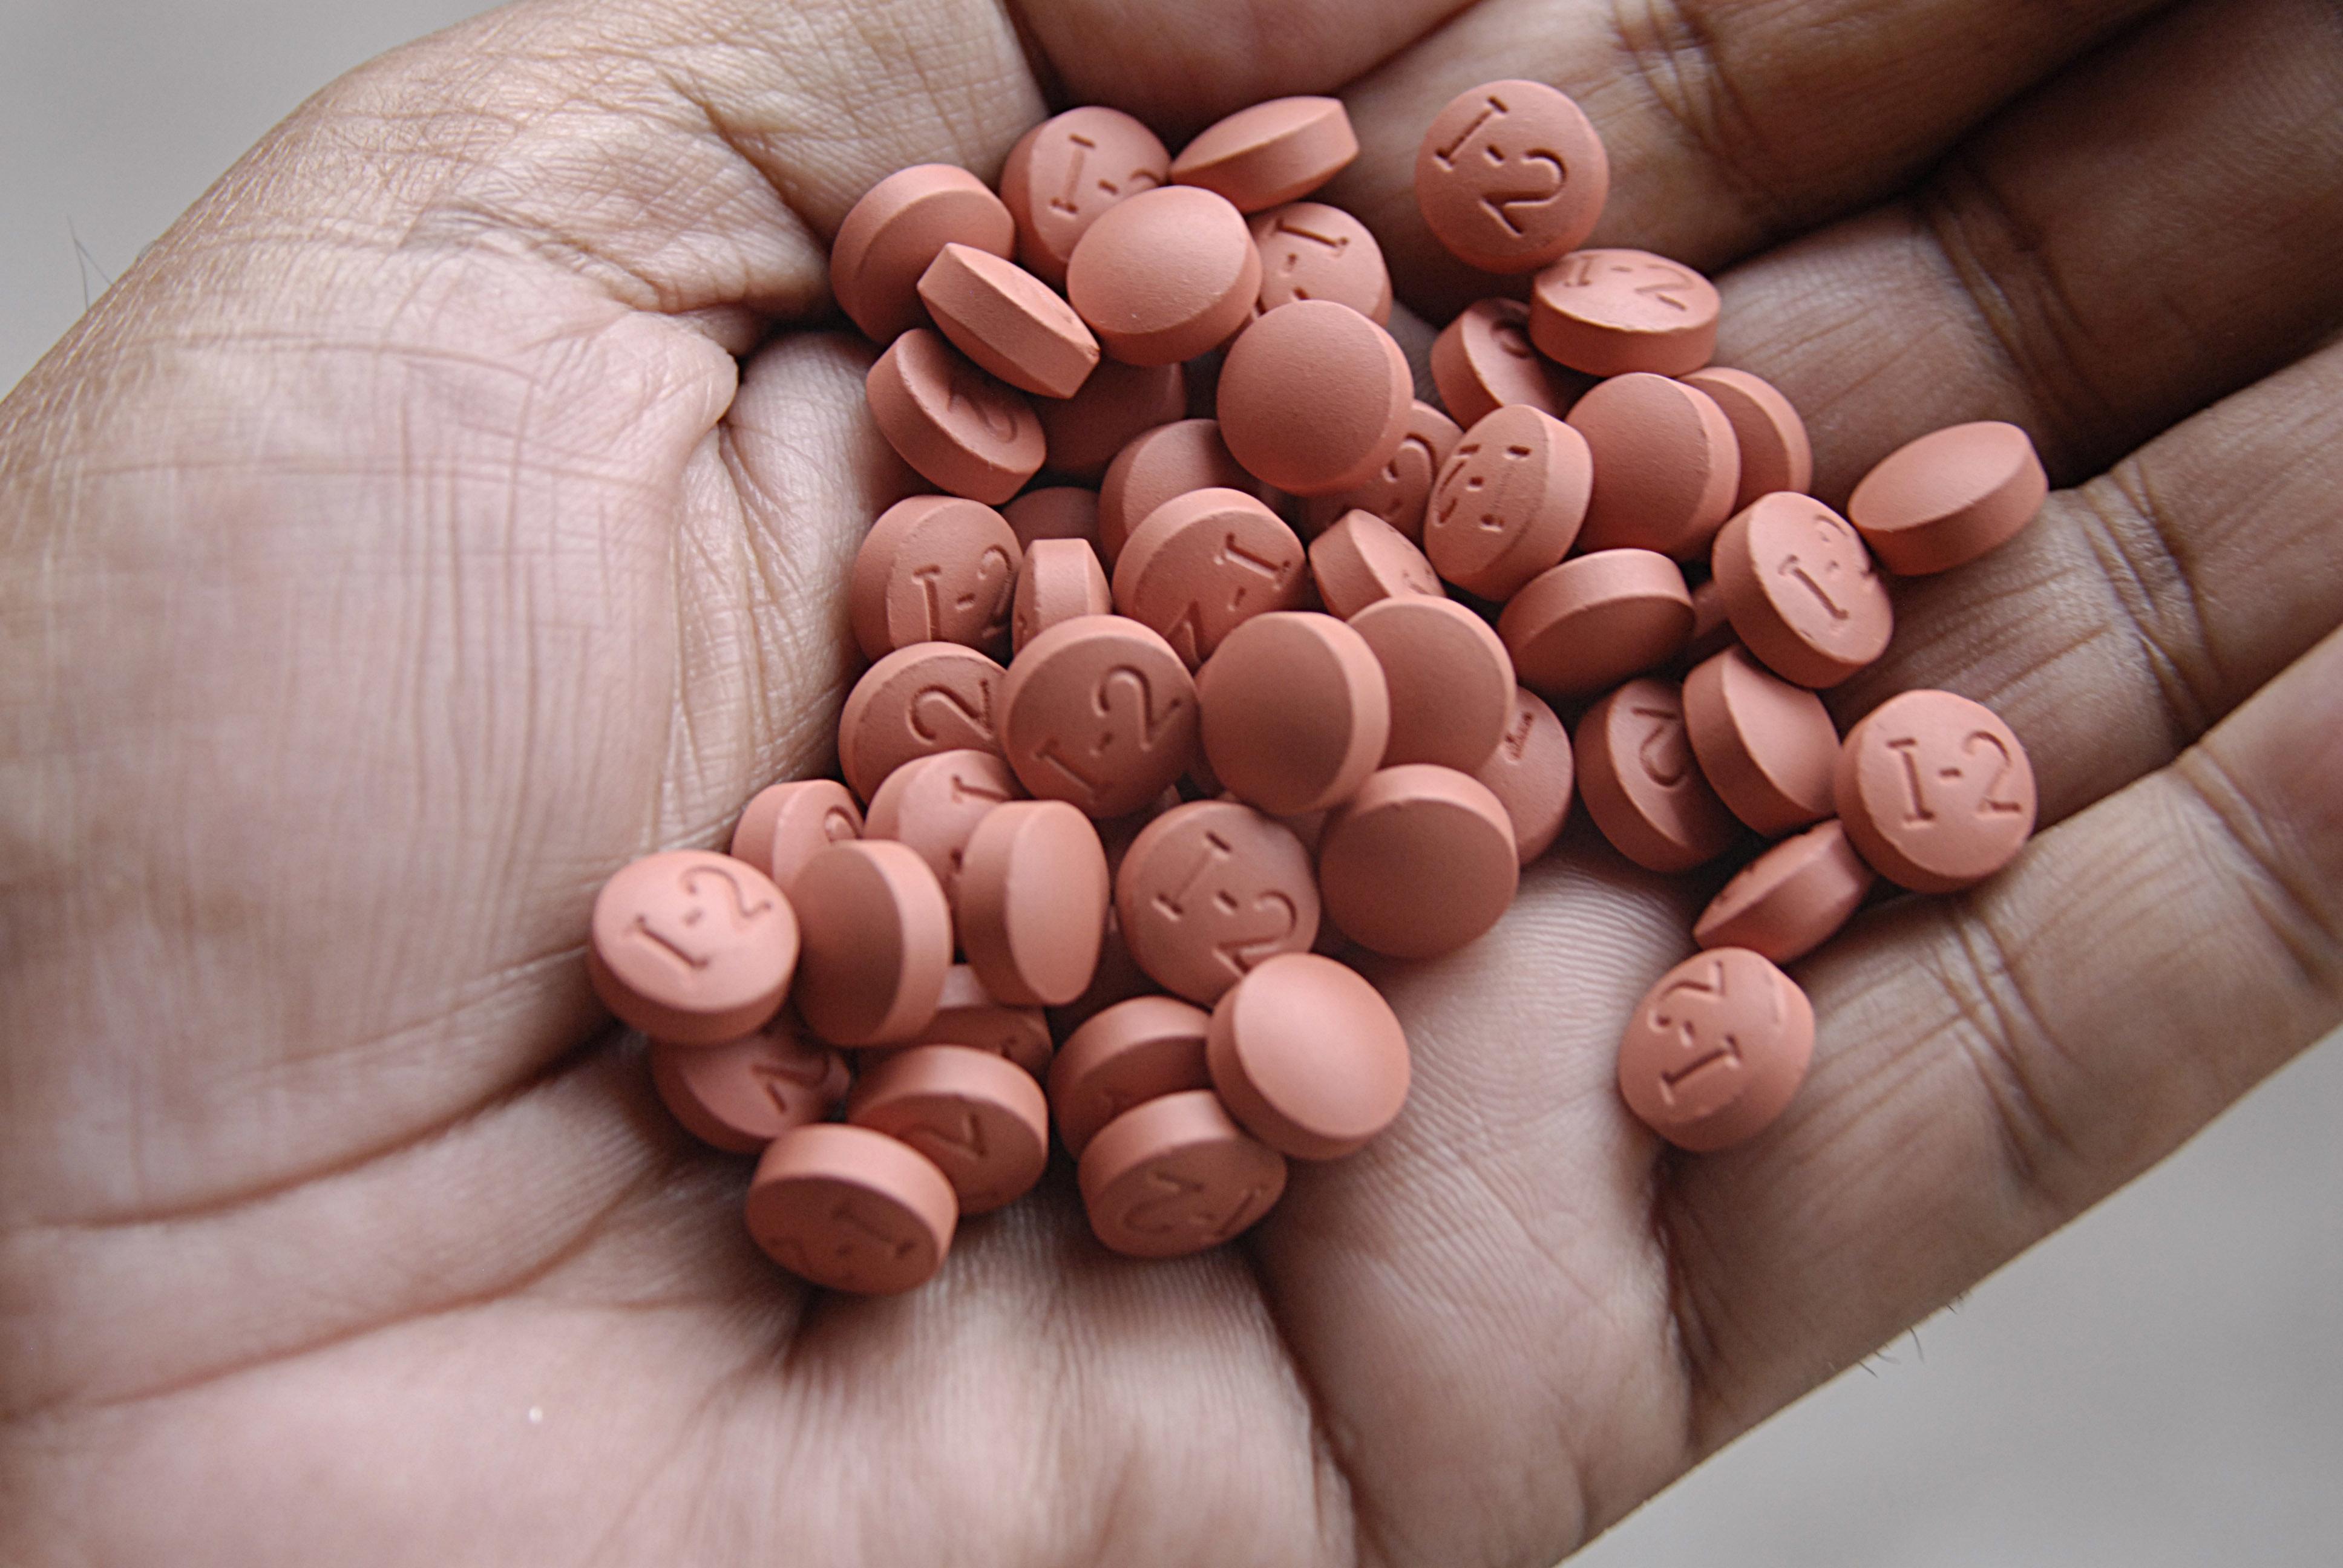 Ibuprofen tablets.